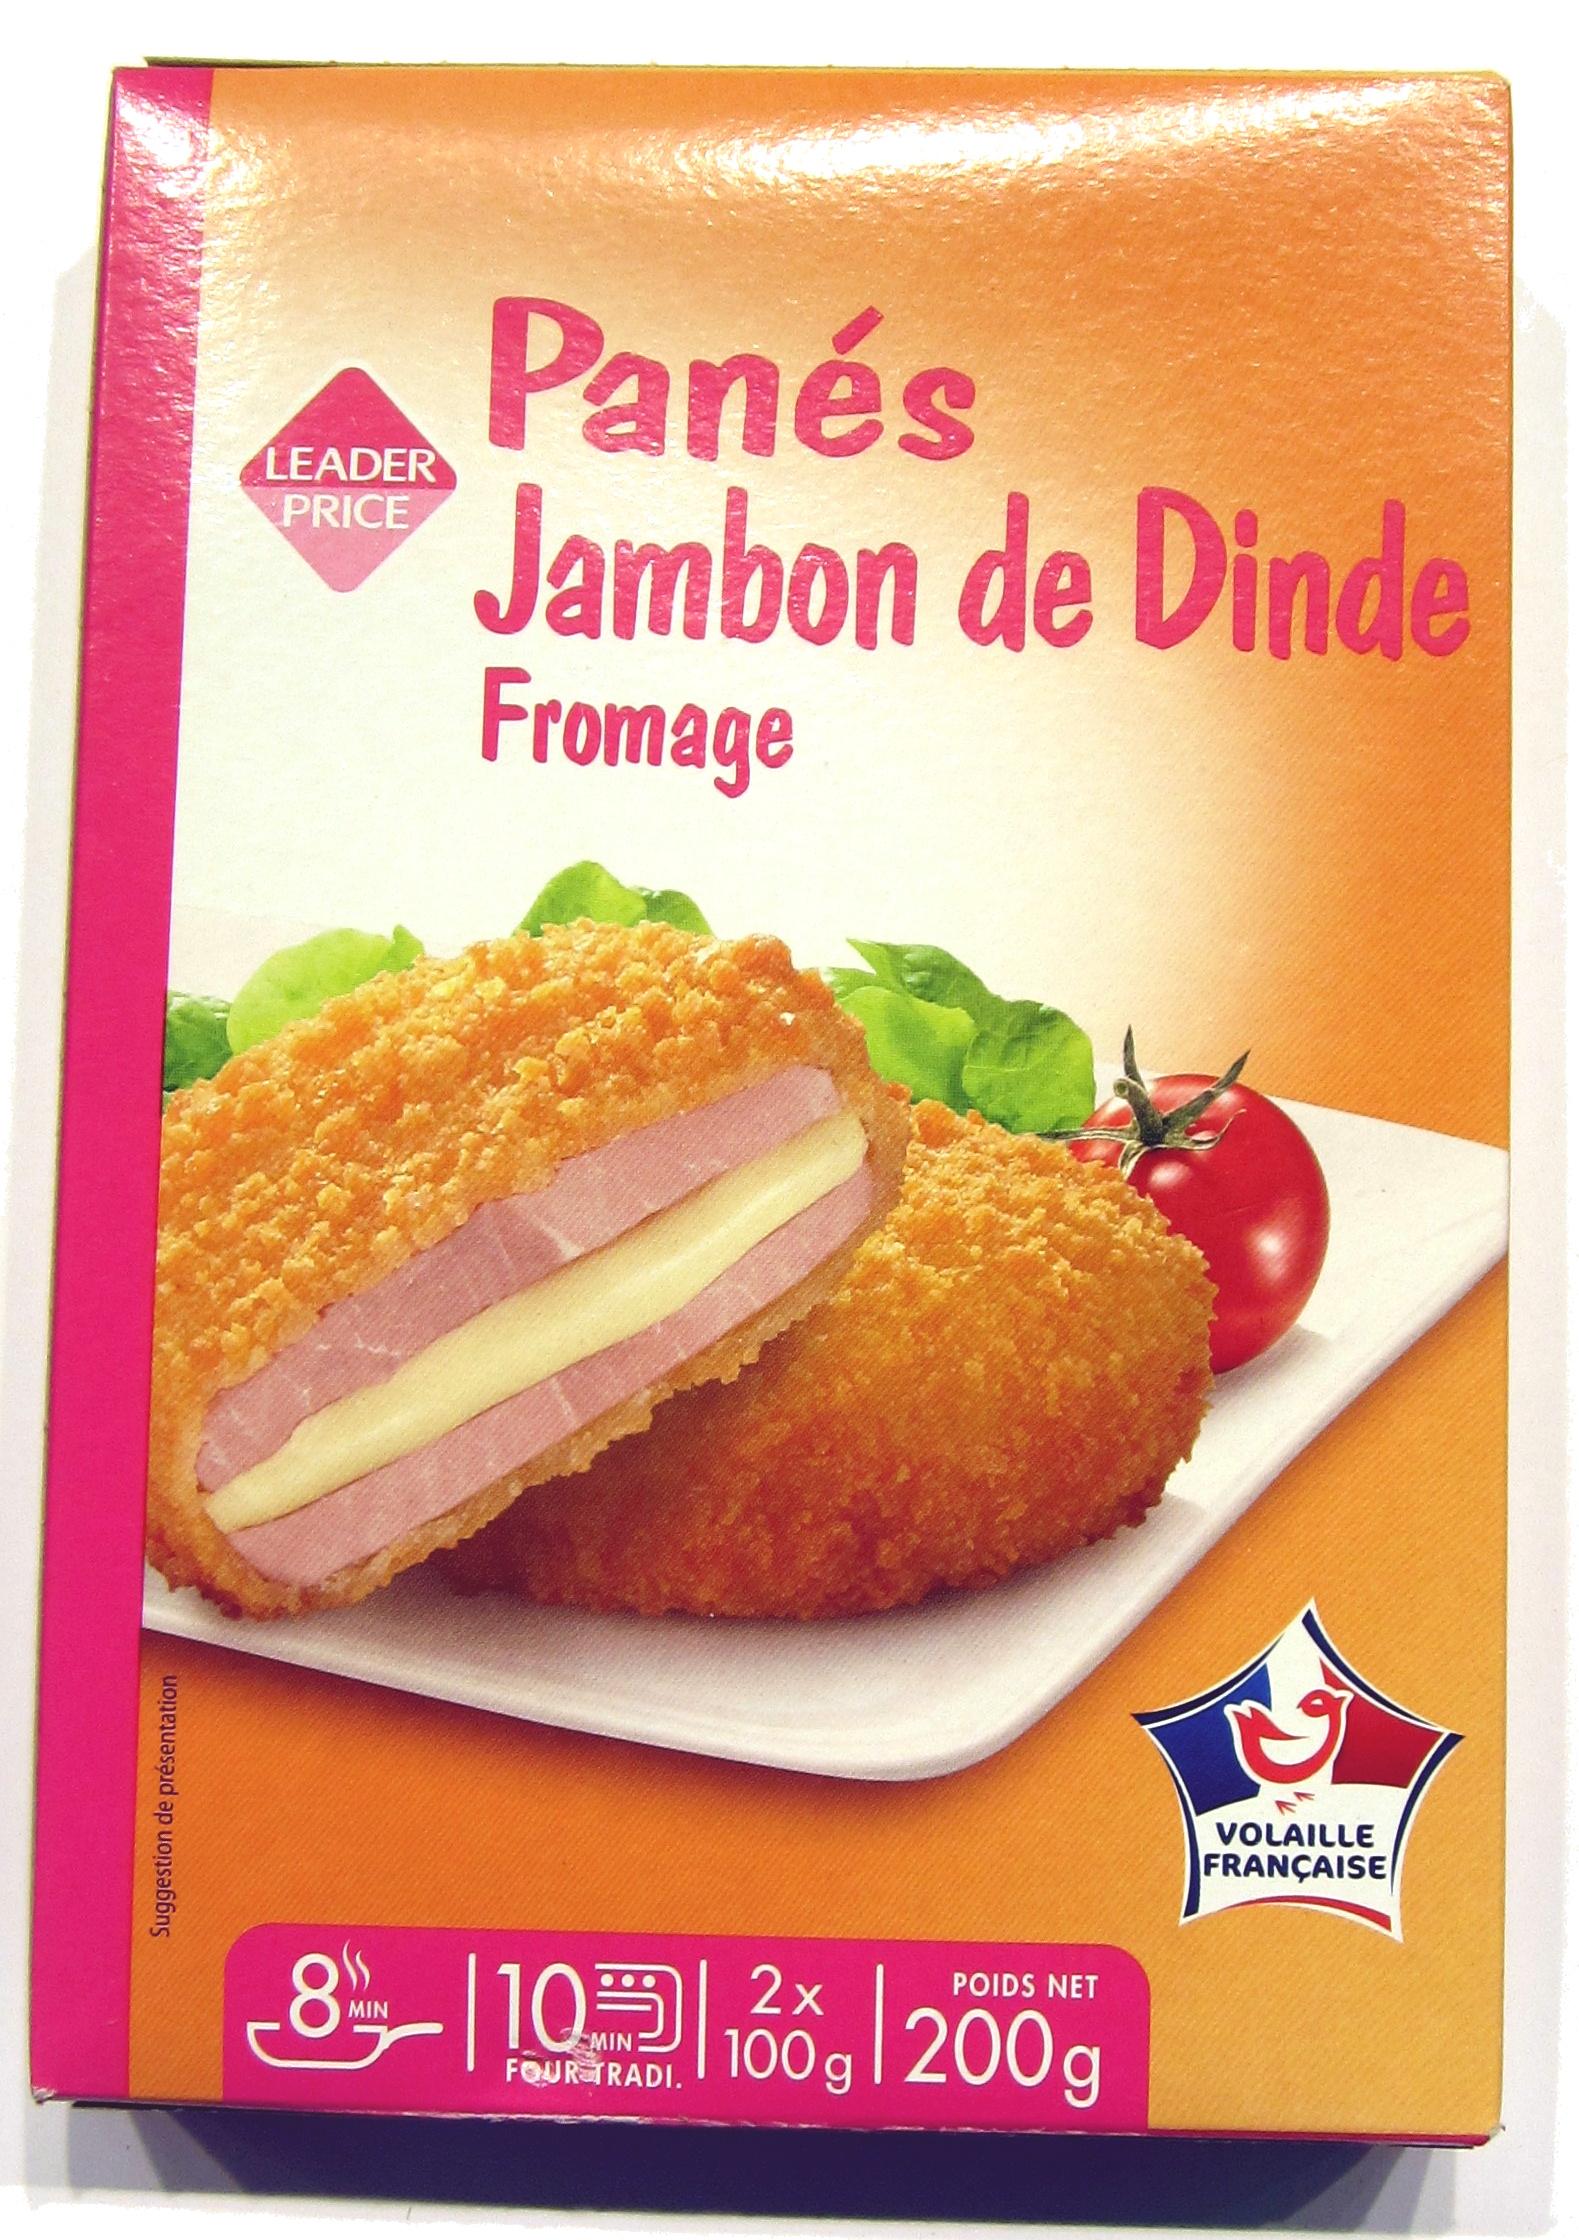 Croquette De Jambon Au Four panés de jambon de dinde au fromage - leader price - 200 g